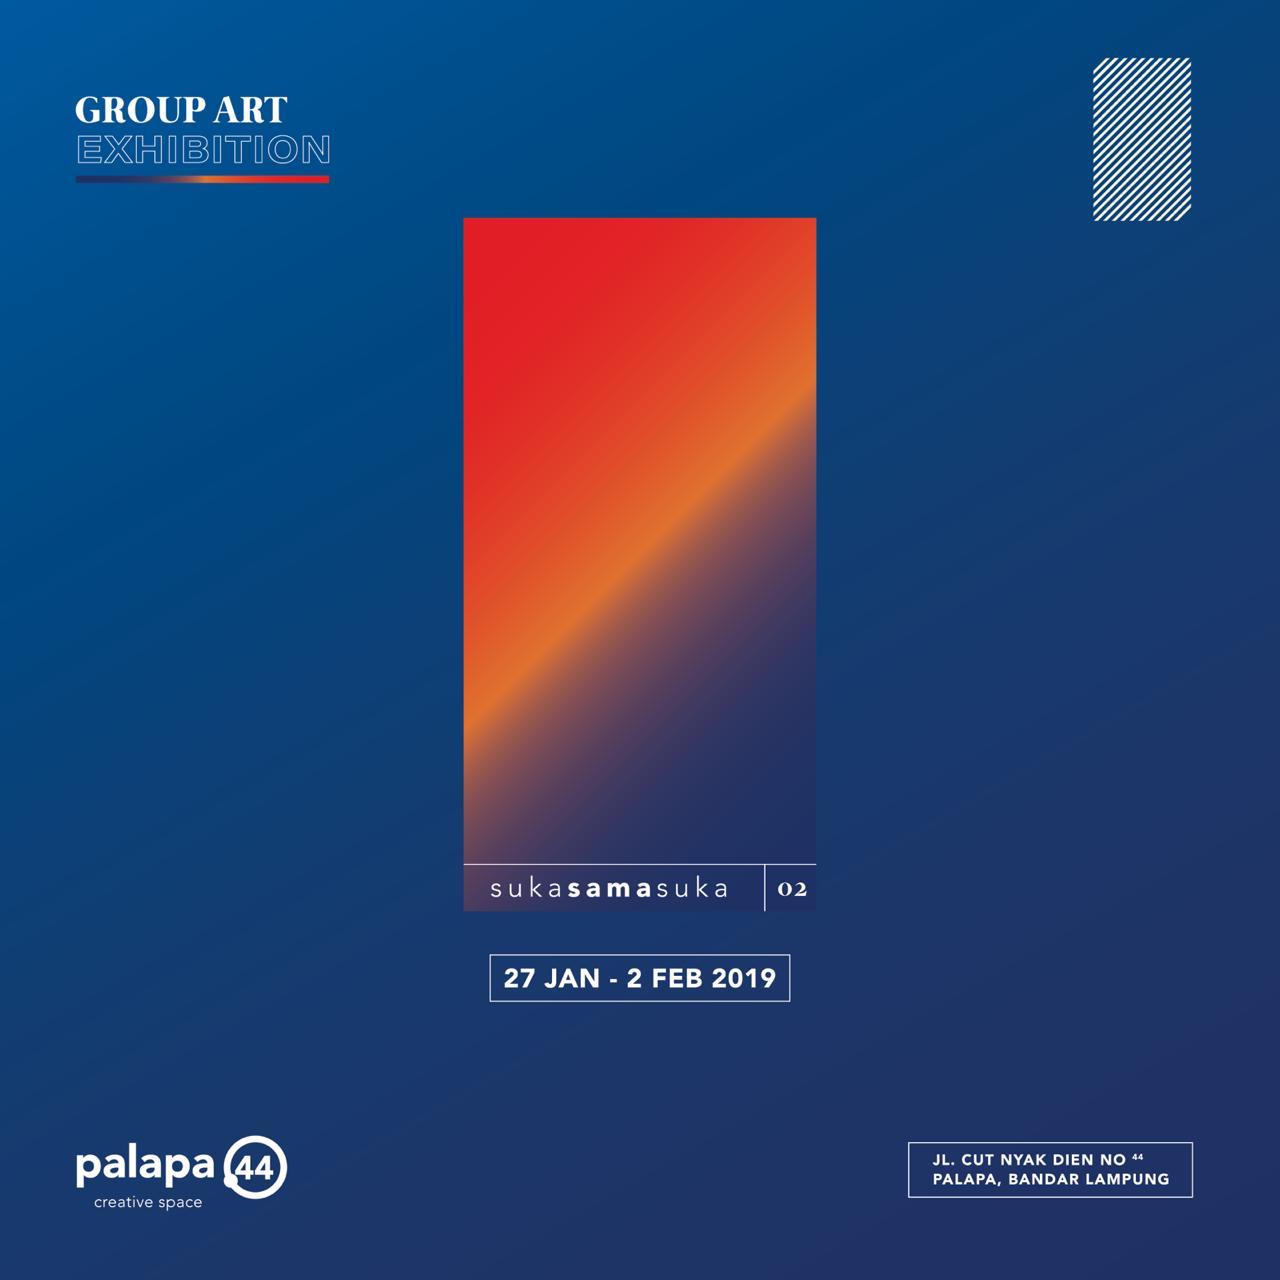 palapa44 1